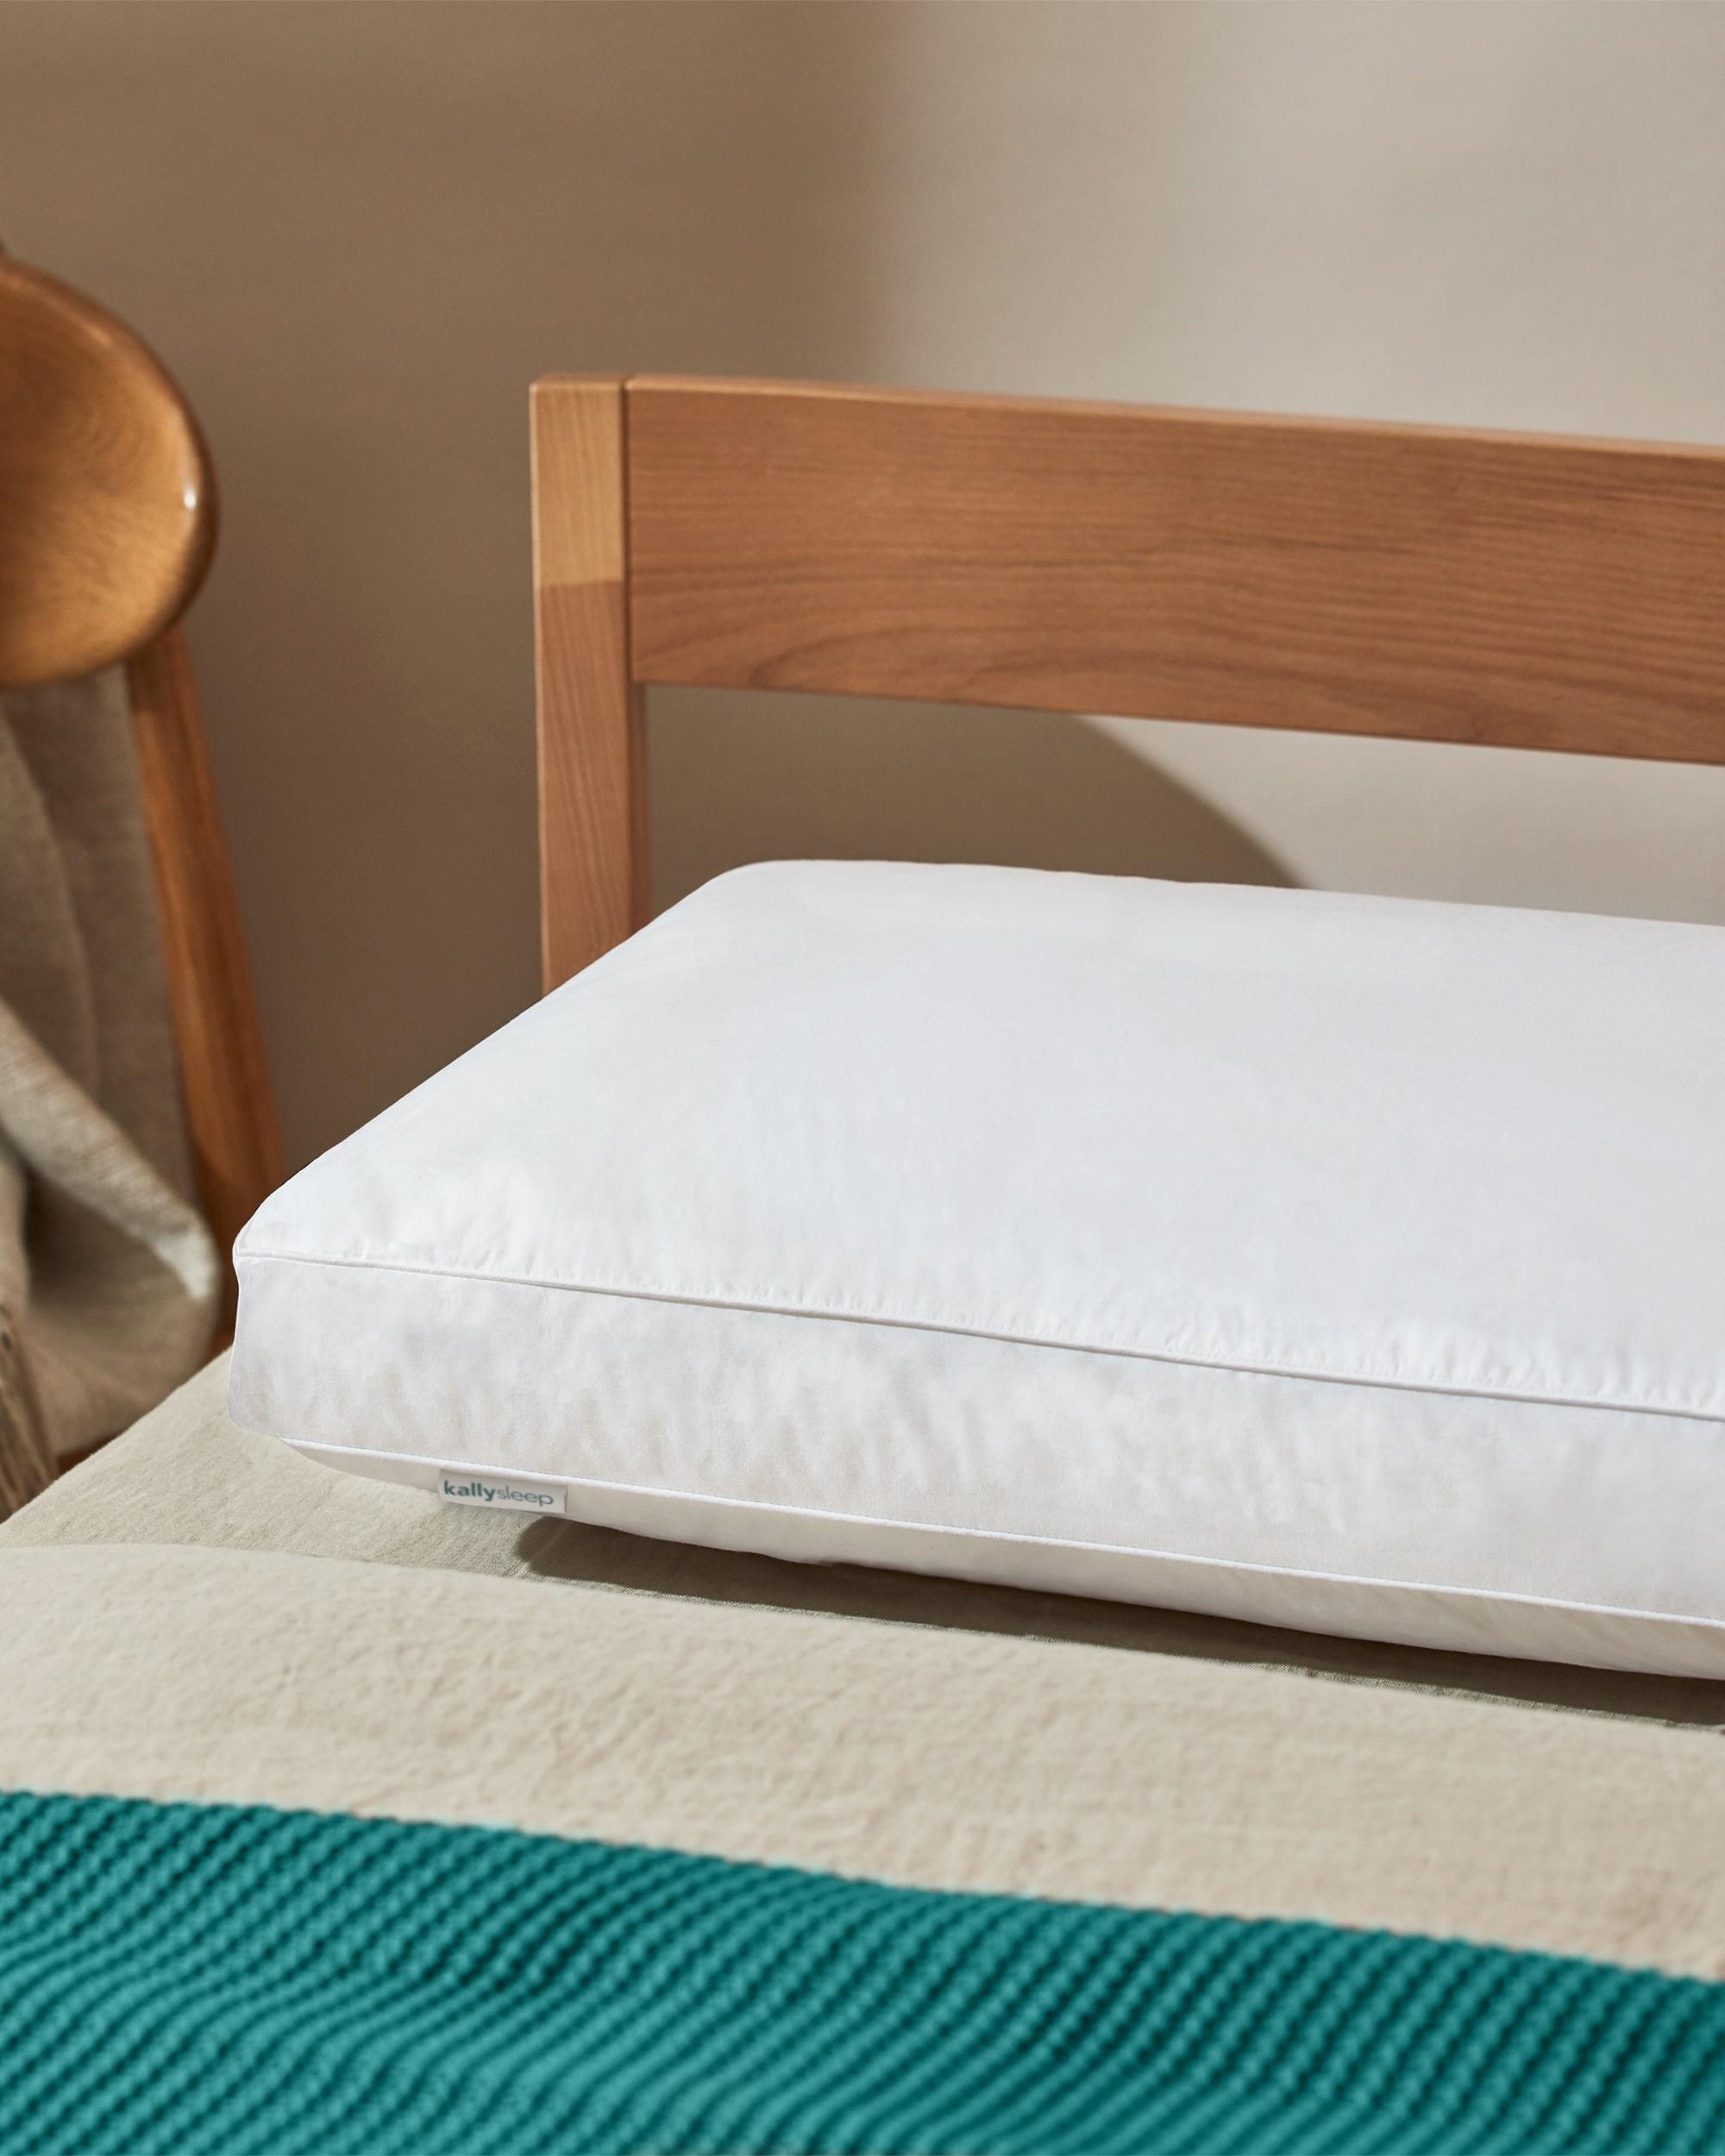 Kally Front Sleeper Pillow